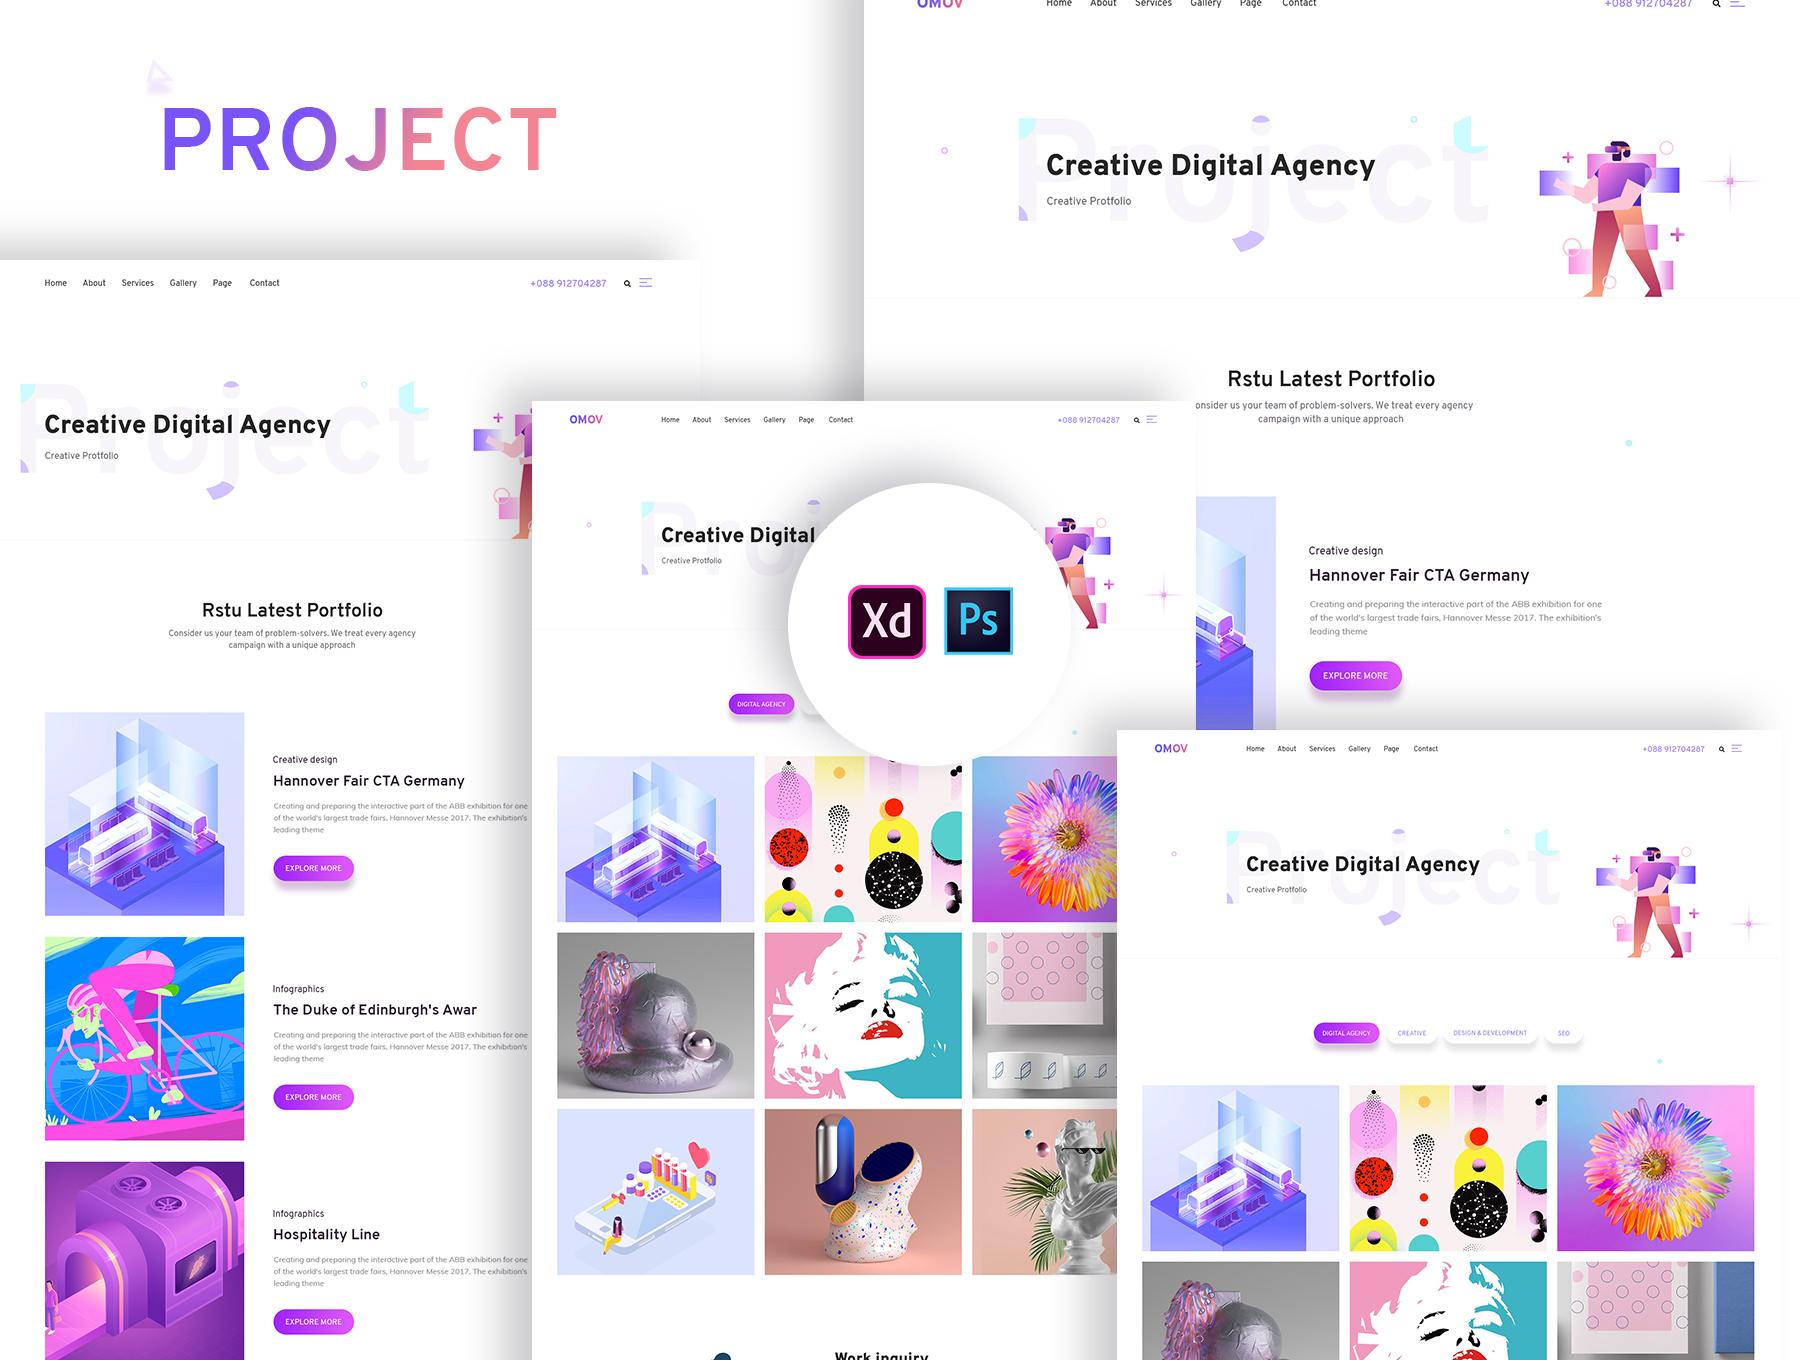 设计公司广告公司ui网页设计模板下载[PSD,XD] Creative Digital Studio Template